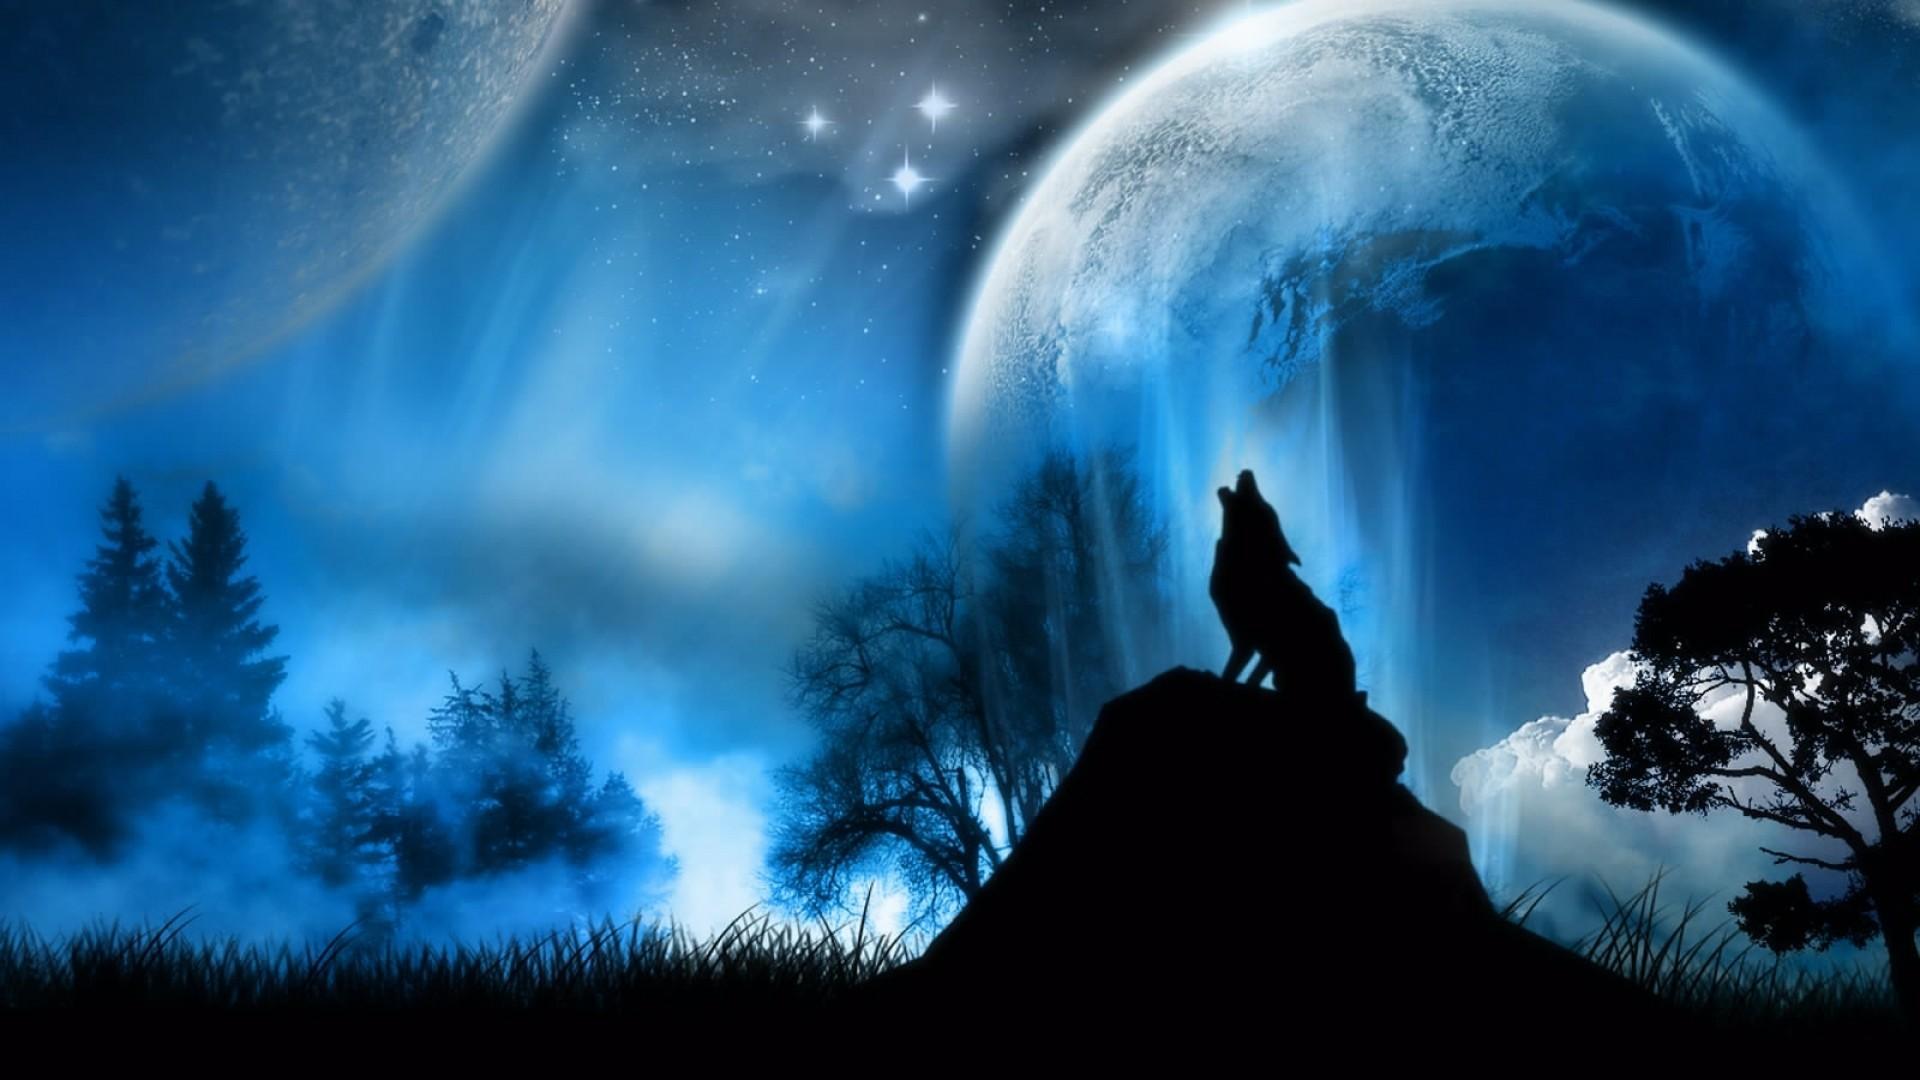 Wallpaper moonlight, wolf, fantasy